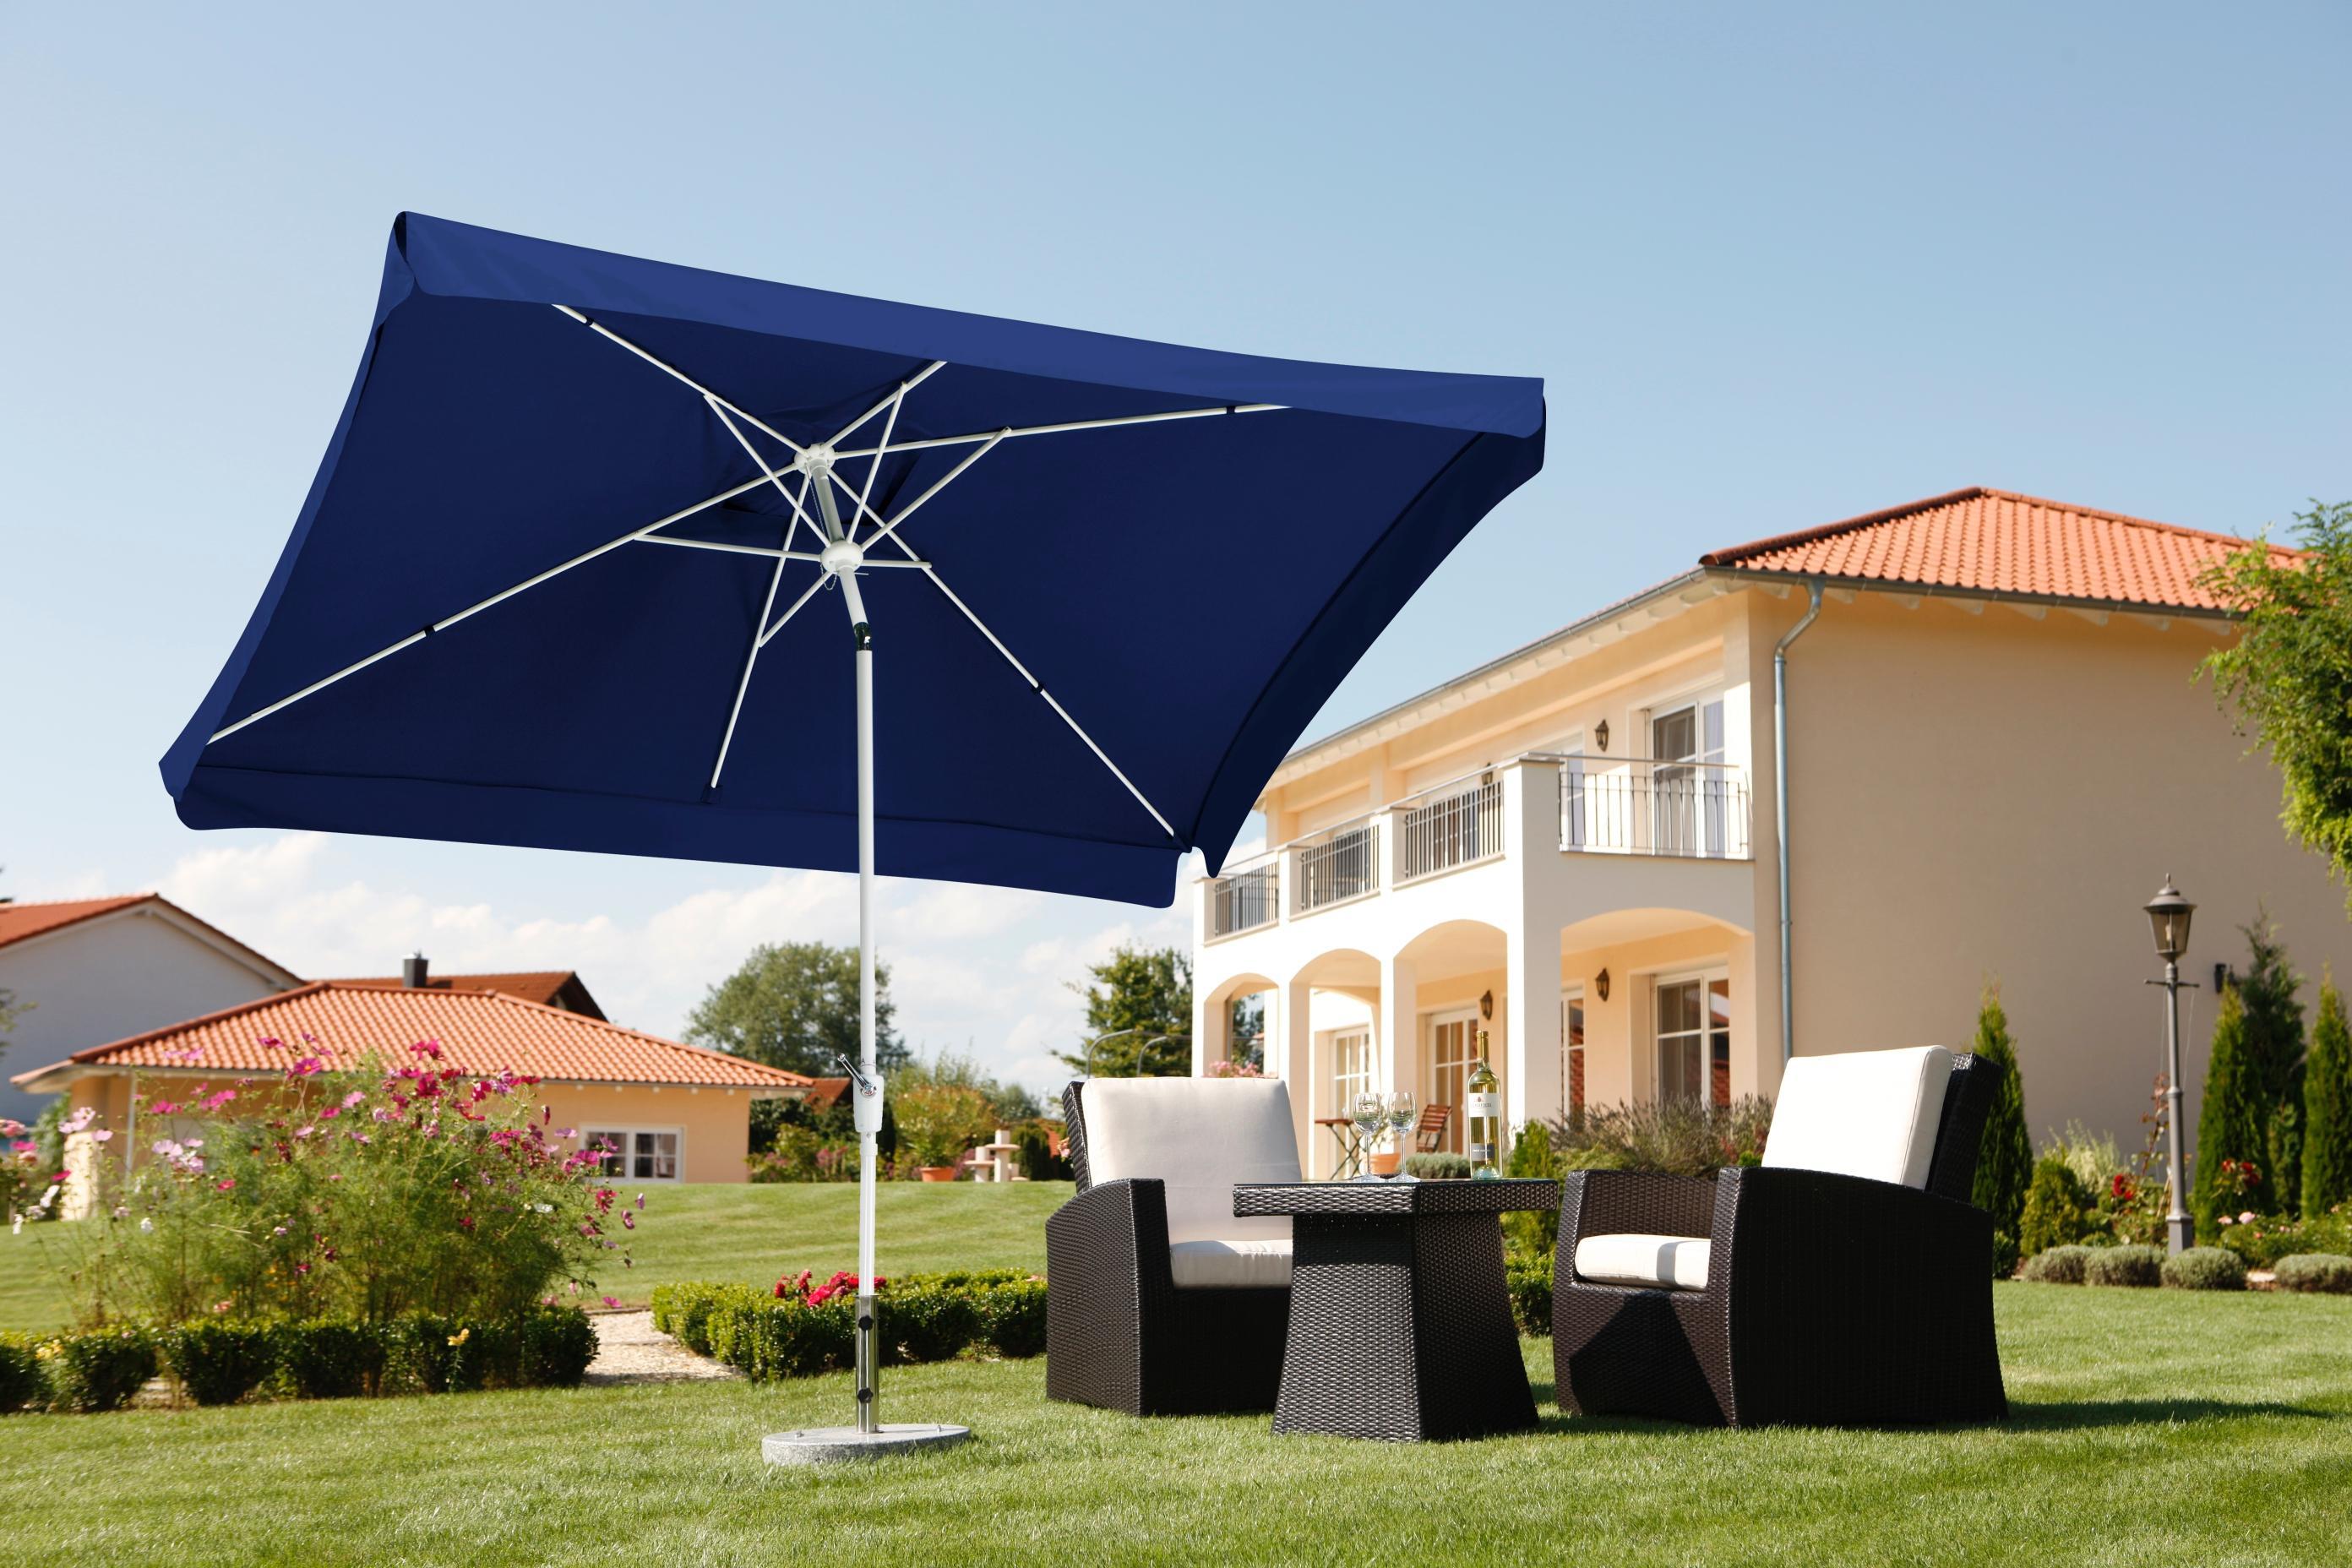 schneider sonnenschirm oslo blau 300x200 cm. Black Bedroom Furniture Sets. Home Design Ideas